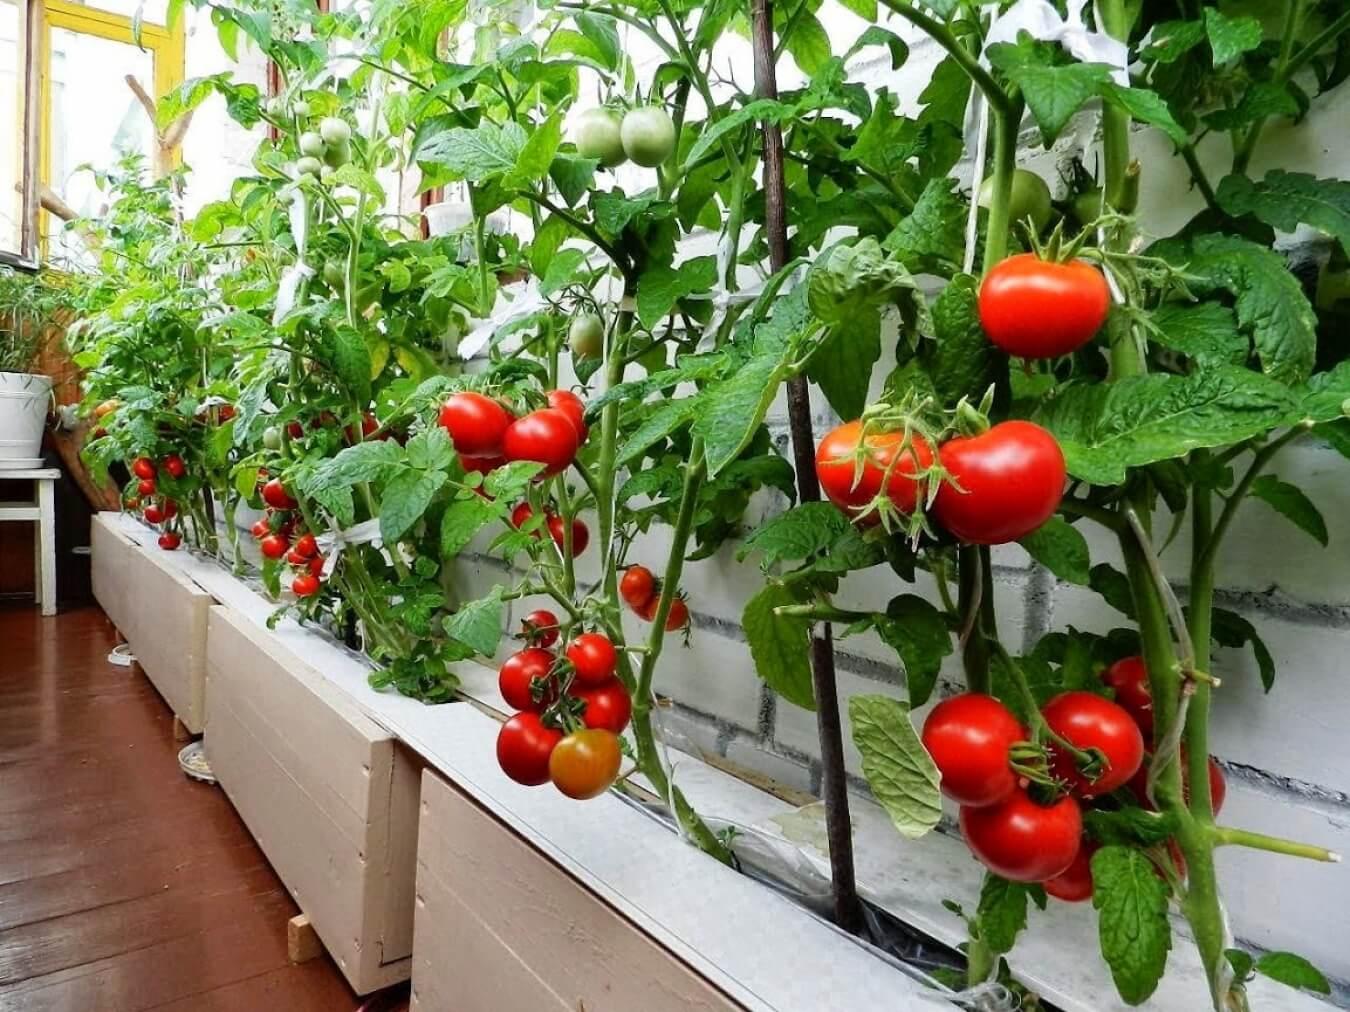 Можно ли осуществить выращивание овощей в квартире